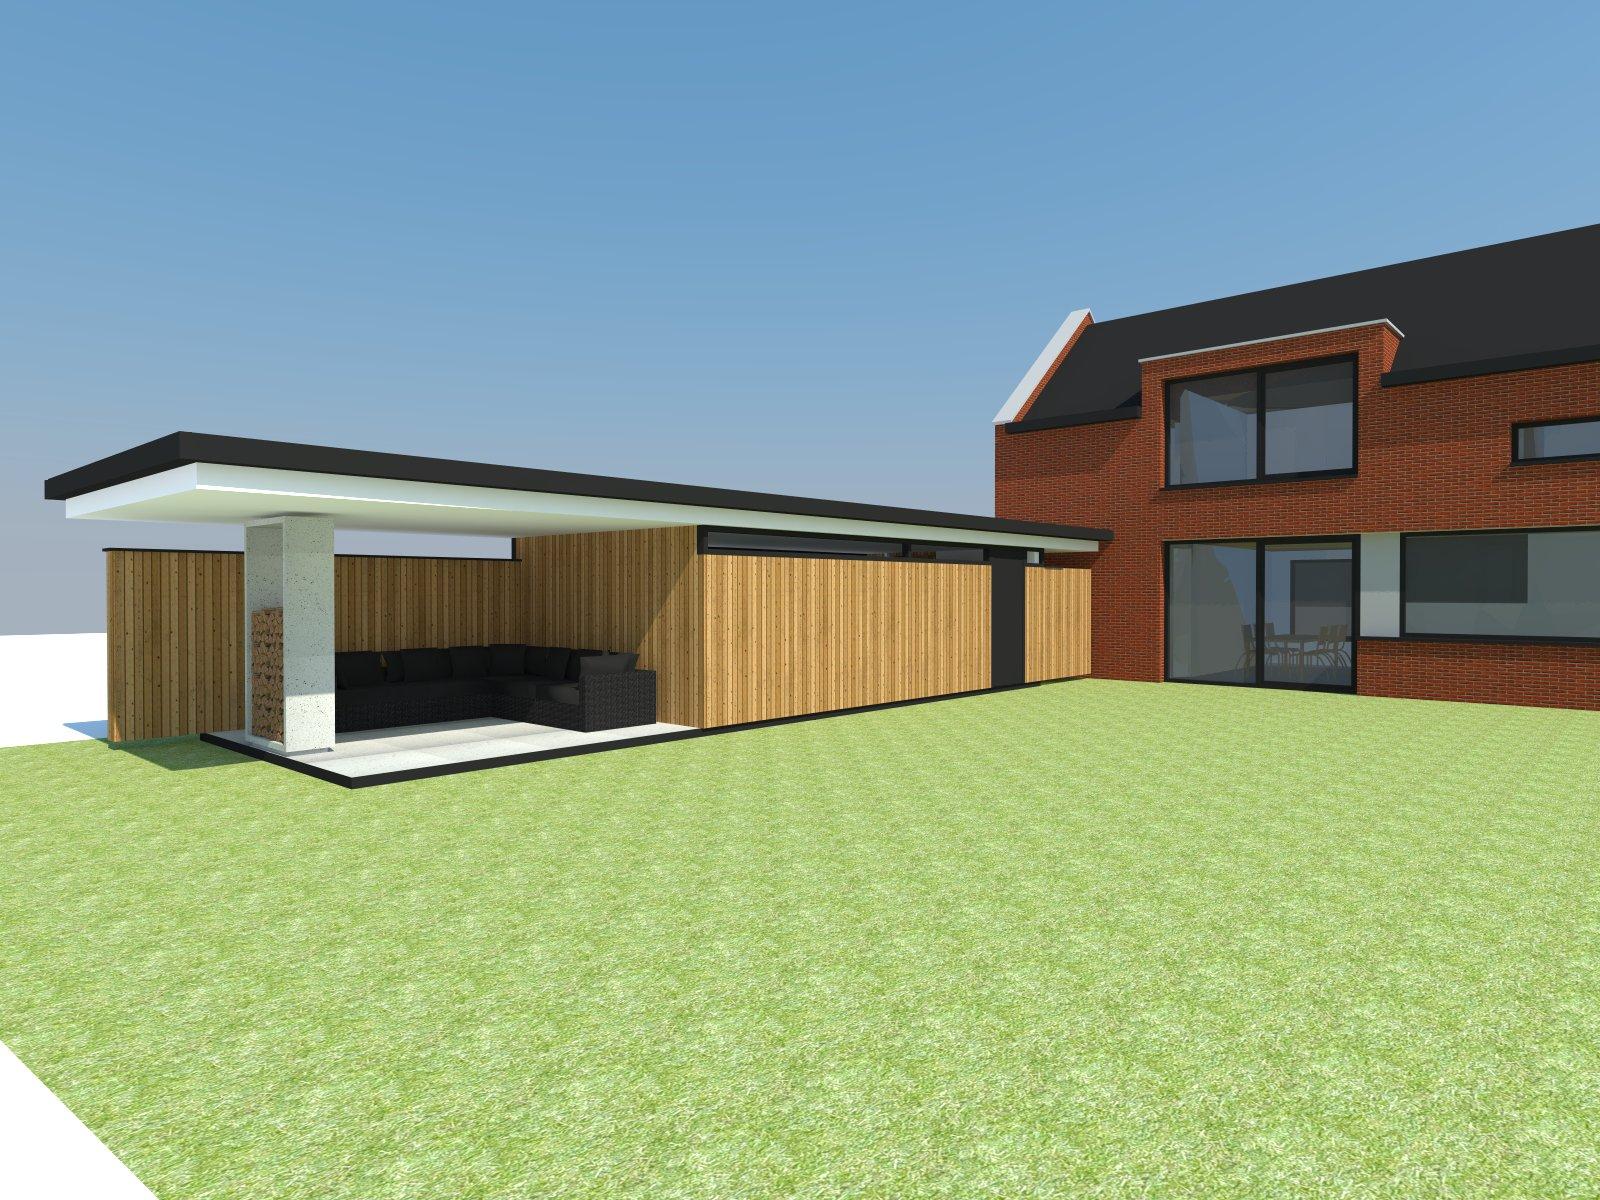 Atelier007-Schuur-Diepenheim-hut-padoek-overstek-pergola-veranda-serre-overdekt-terras-tuin-woningontwerp-villa-nieuwbouw-verbouw